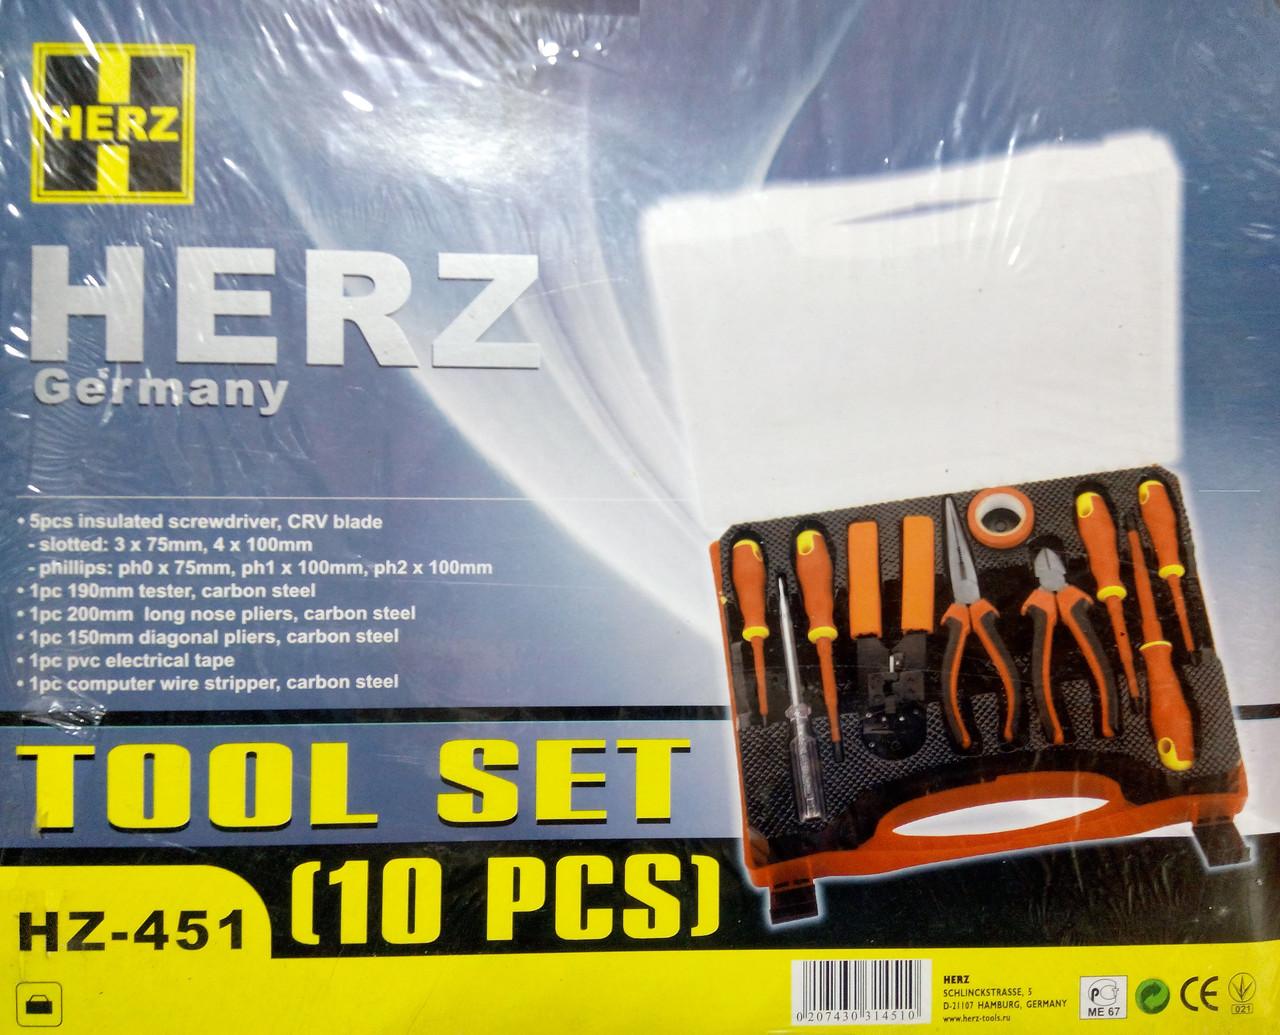 Набор инструментов Herz HZ-451 (10 предметов)